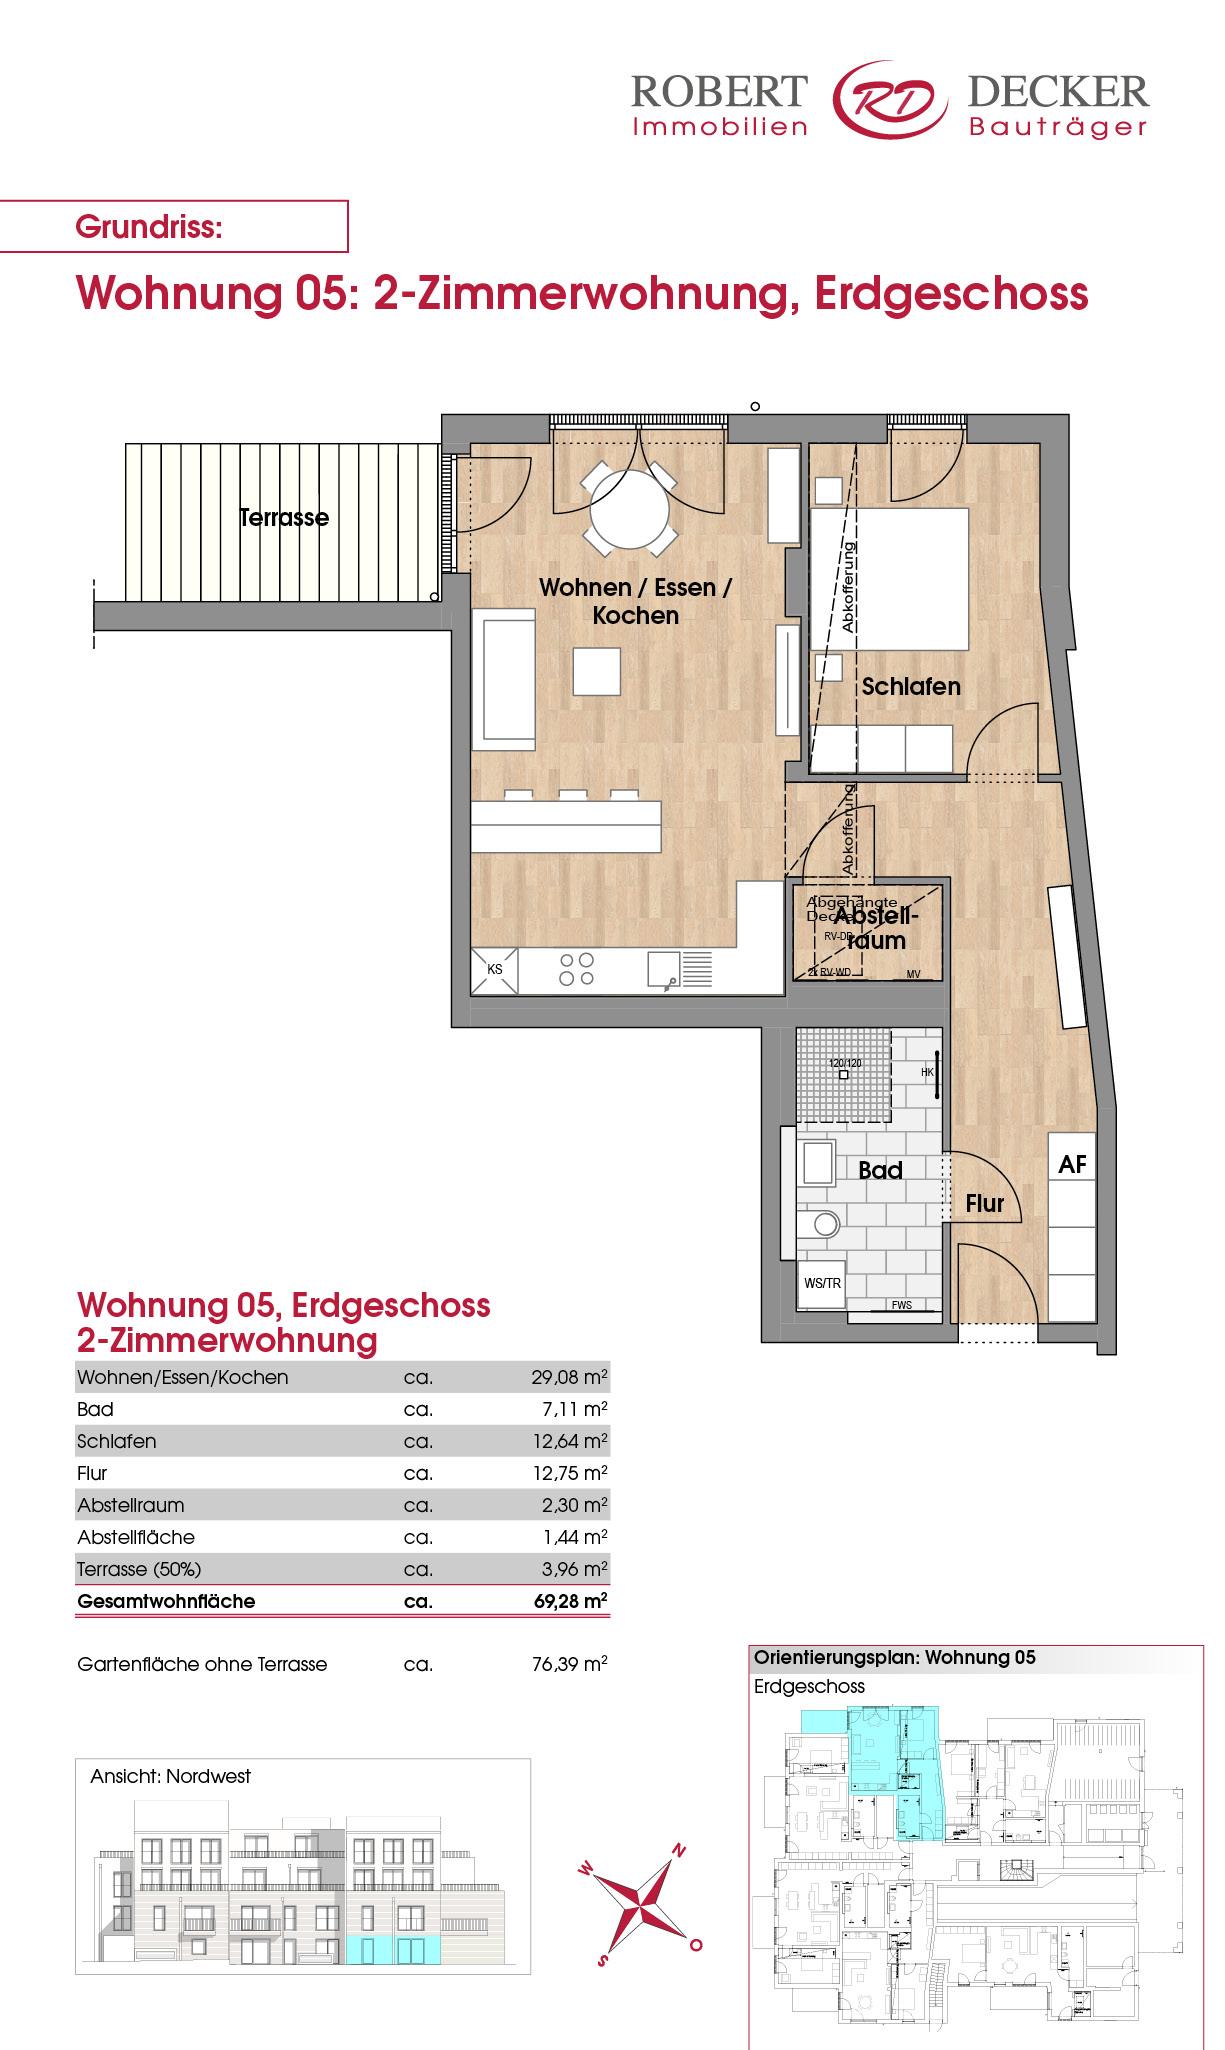 2-Zimmerwohnung, Erdgeschoss - Whg. 05